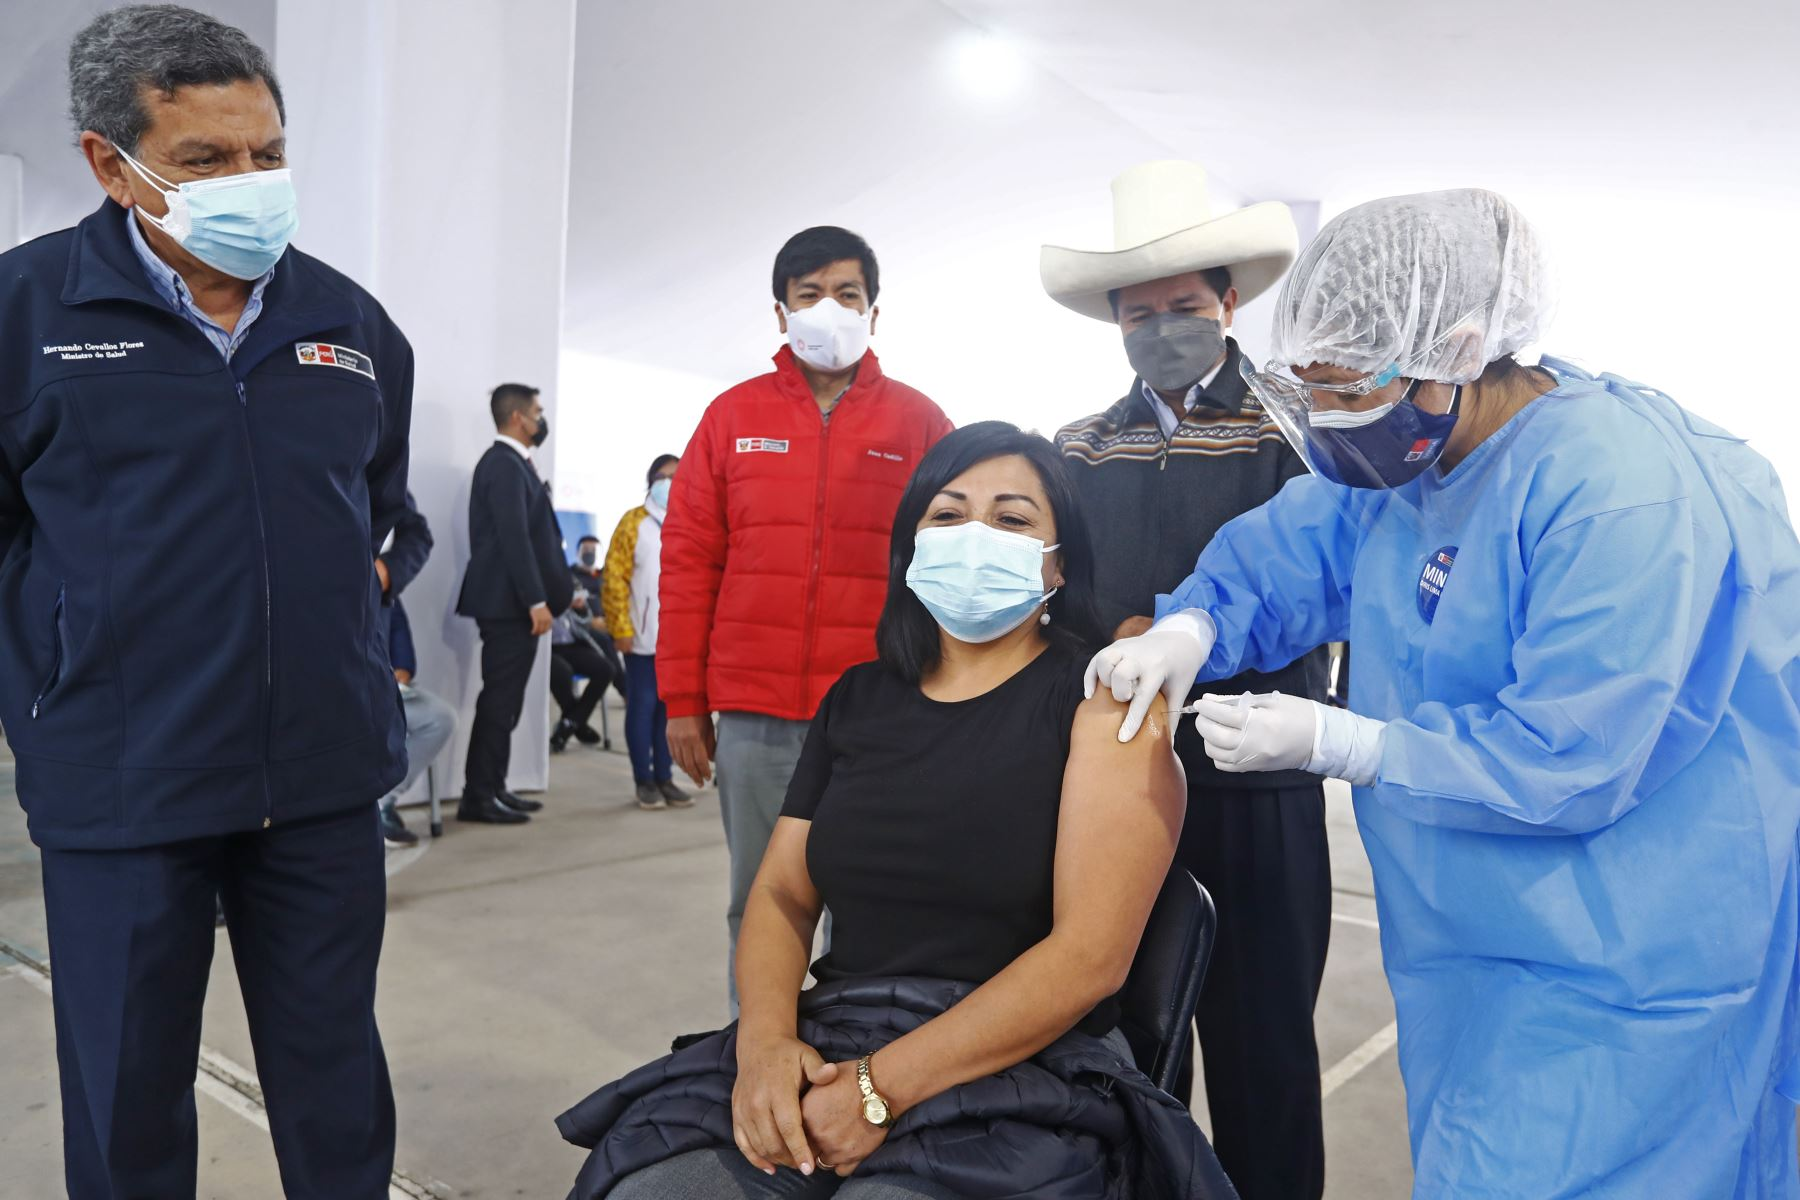 El presidente Pedro Castillo participó en la vacunación de profesores urbanos. Foto: ANDINA/Prensa Presidencia